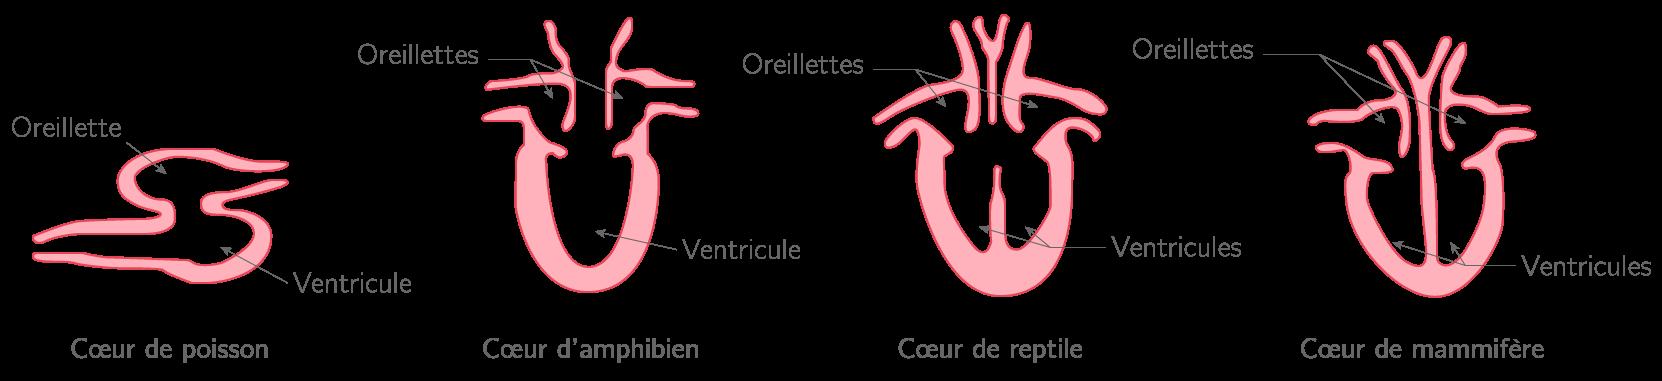 Comparaison du cœur de différentes espèces